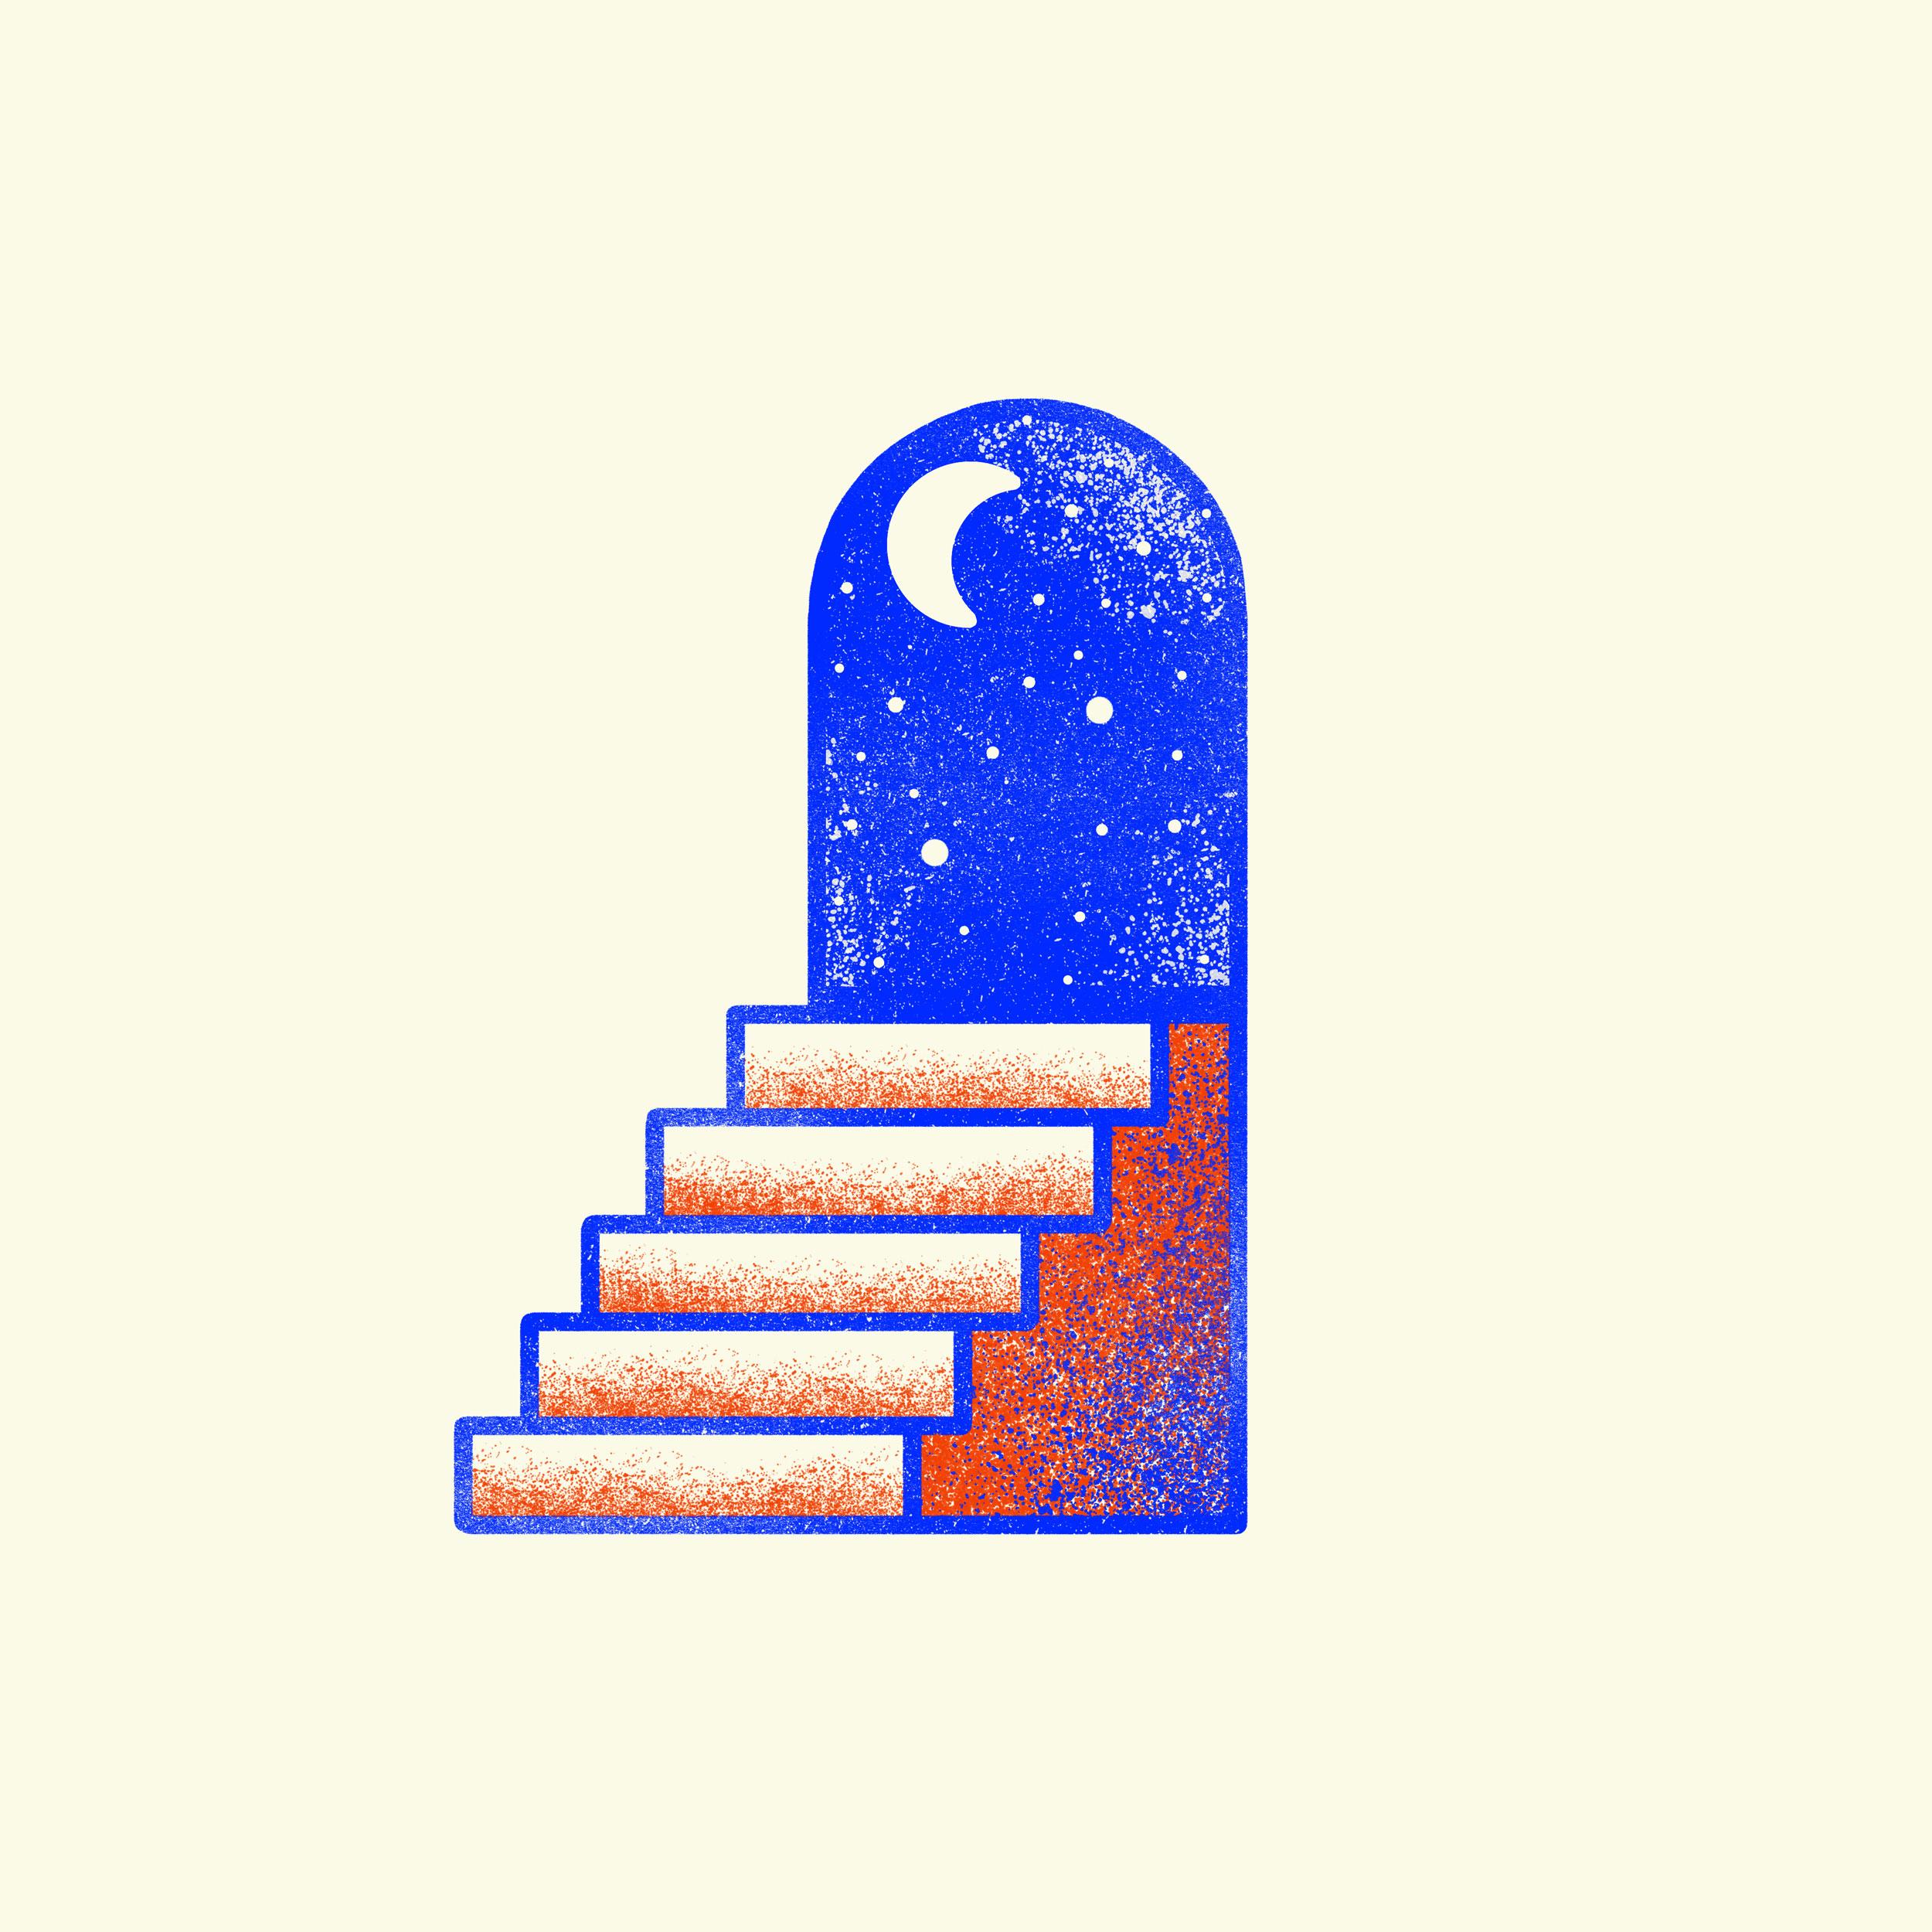 stairway_alternate.jpg